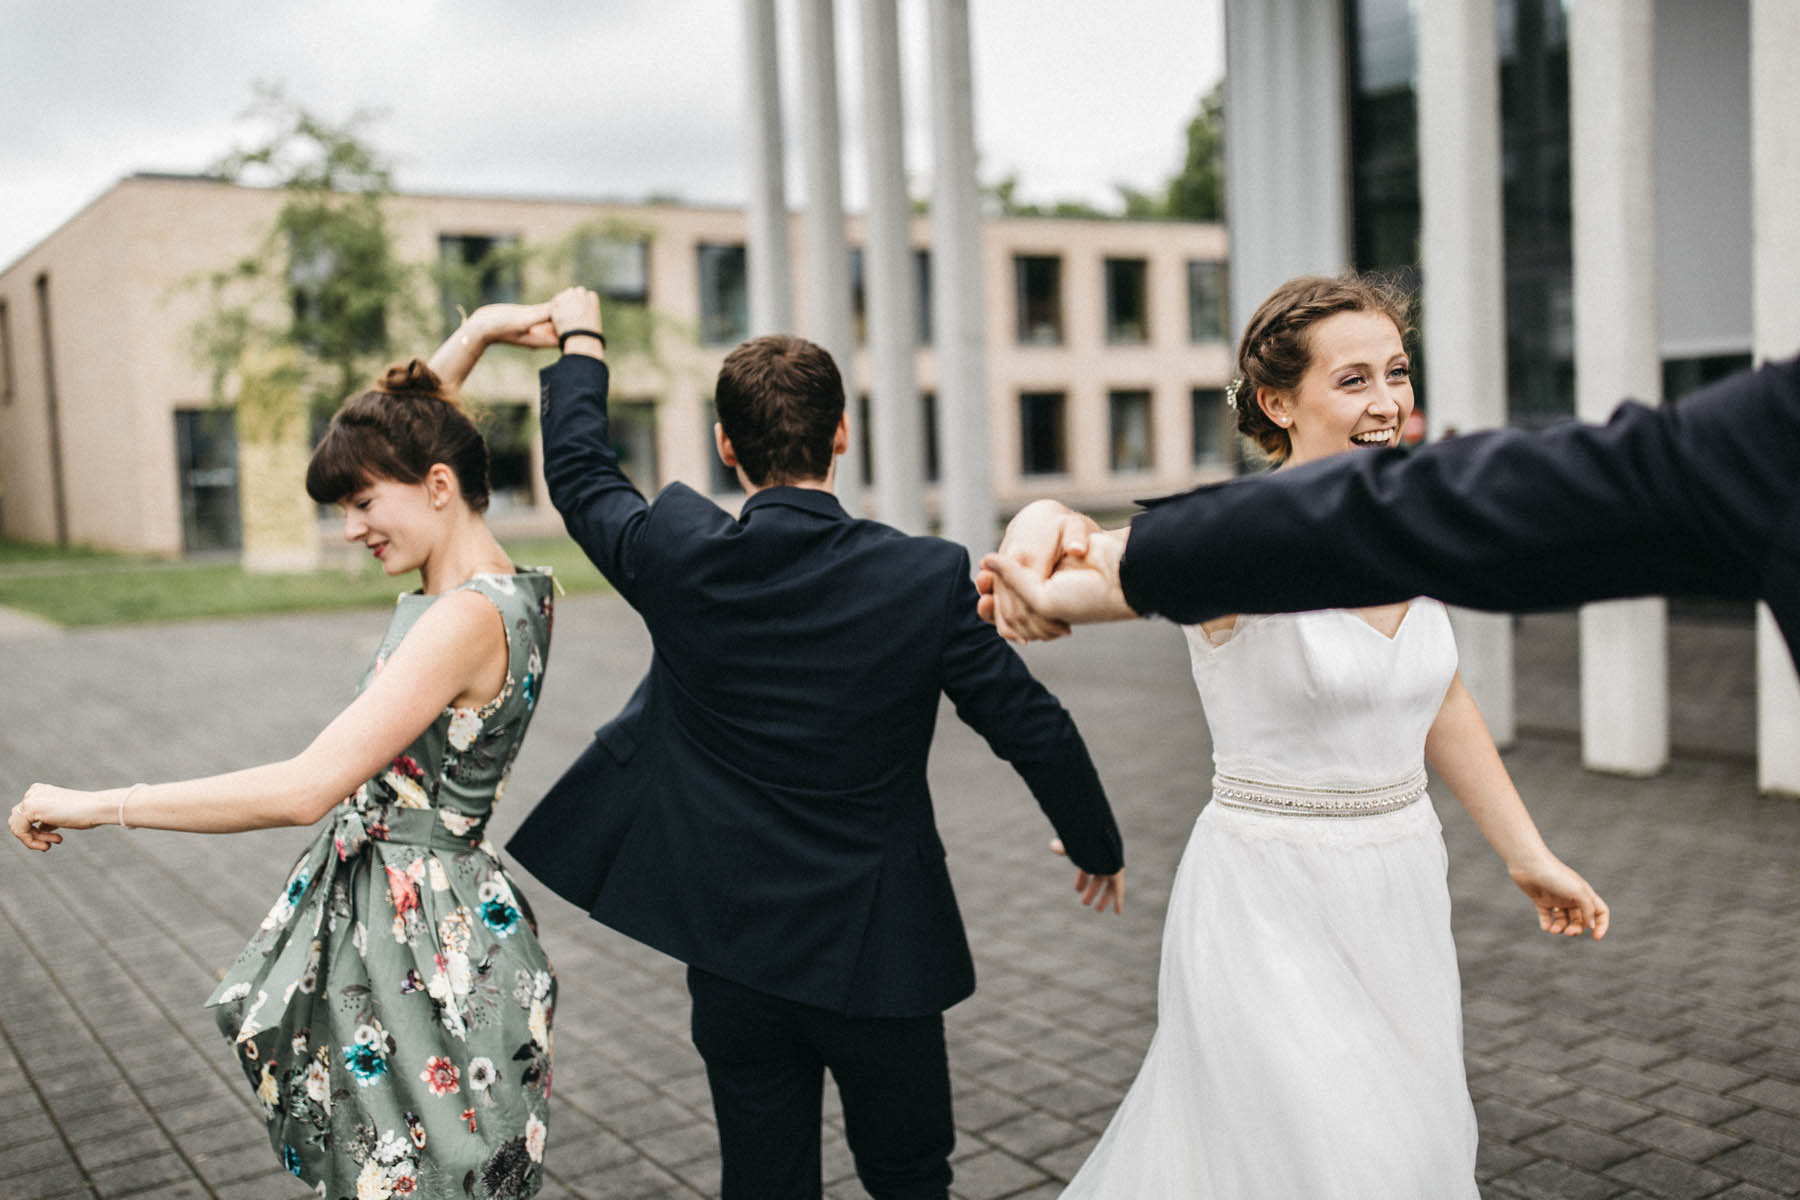 Hochzeitstanz mal anders - Raissa + Simon Fotografie